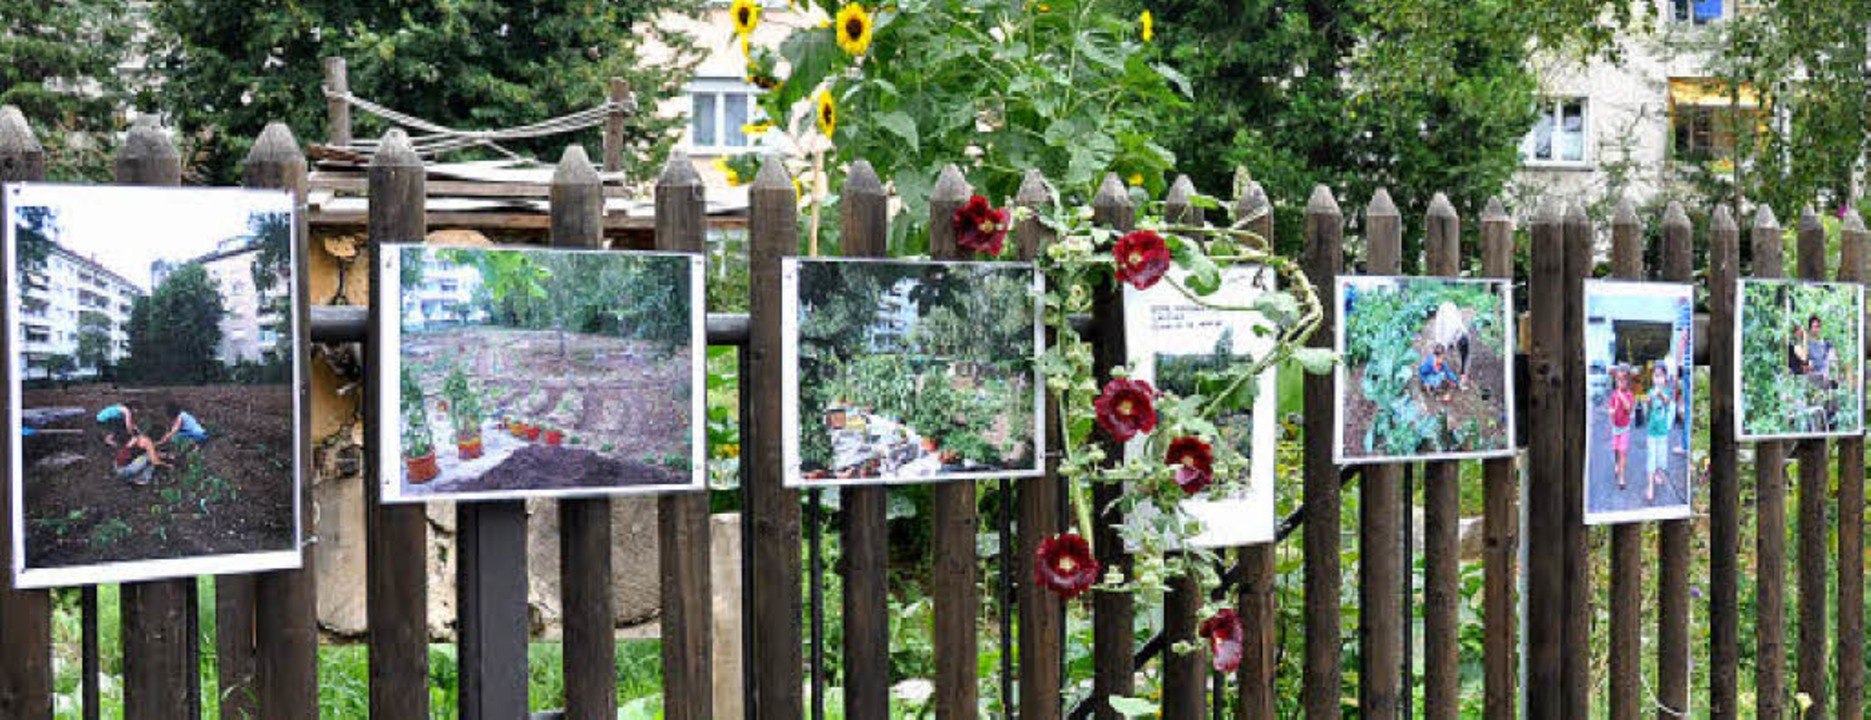 Am Zaun dokumentieren Fotos die Entwicklung.   | Foto: Annette Mahro